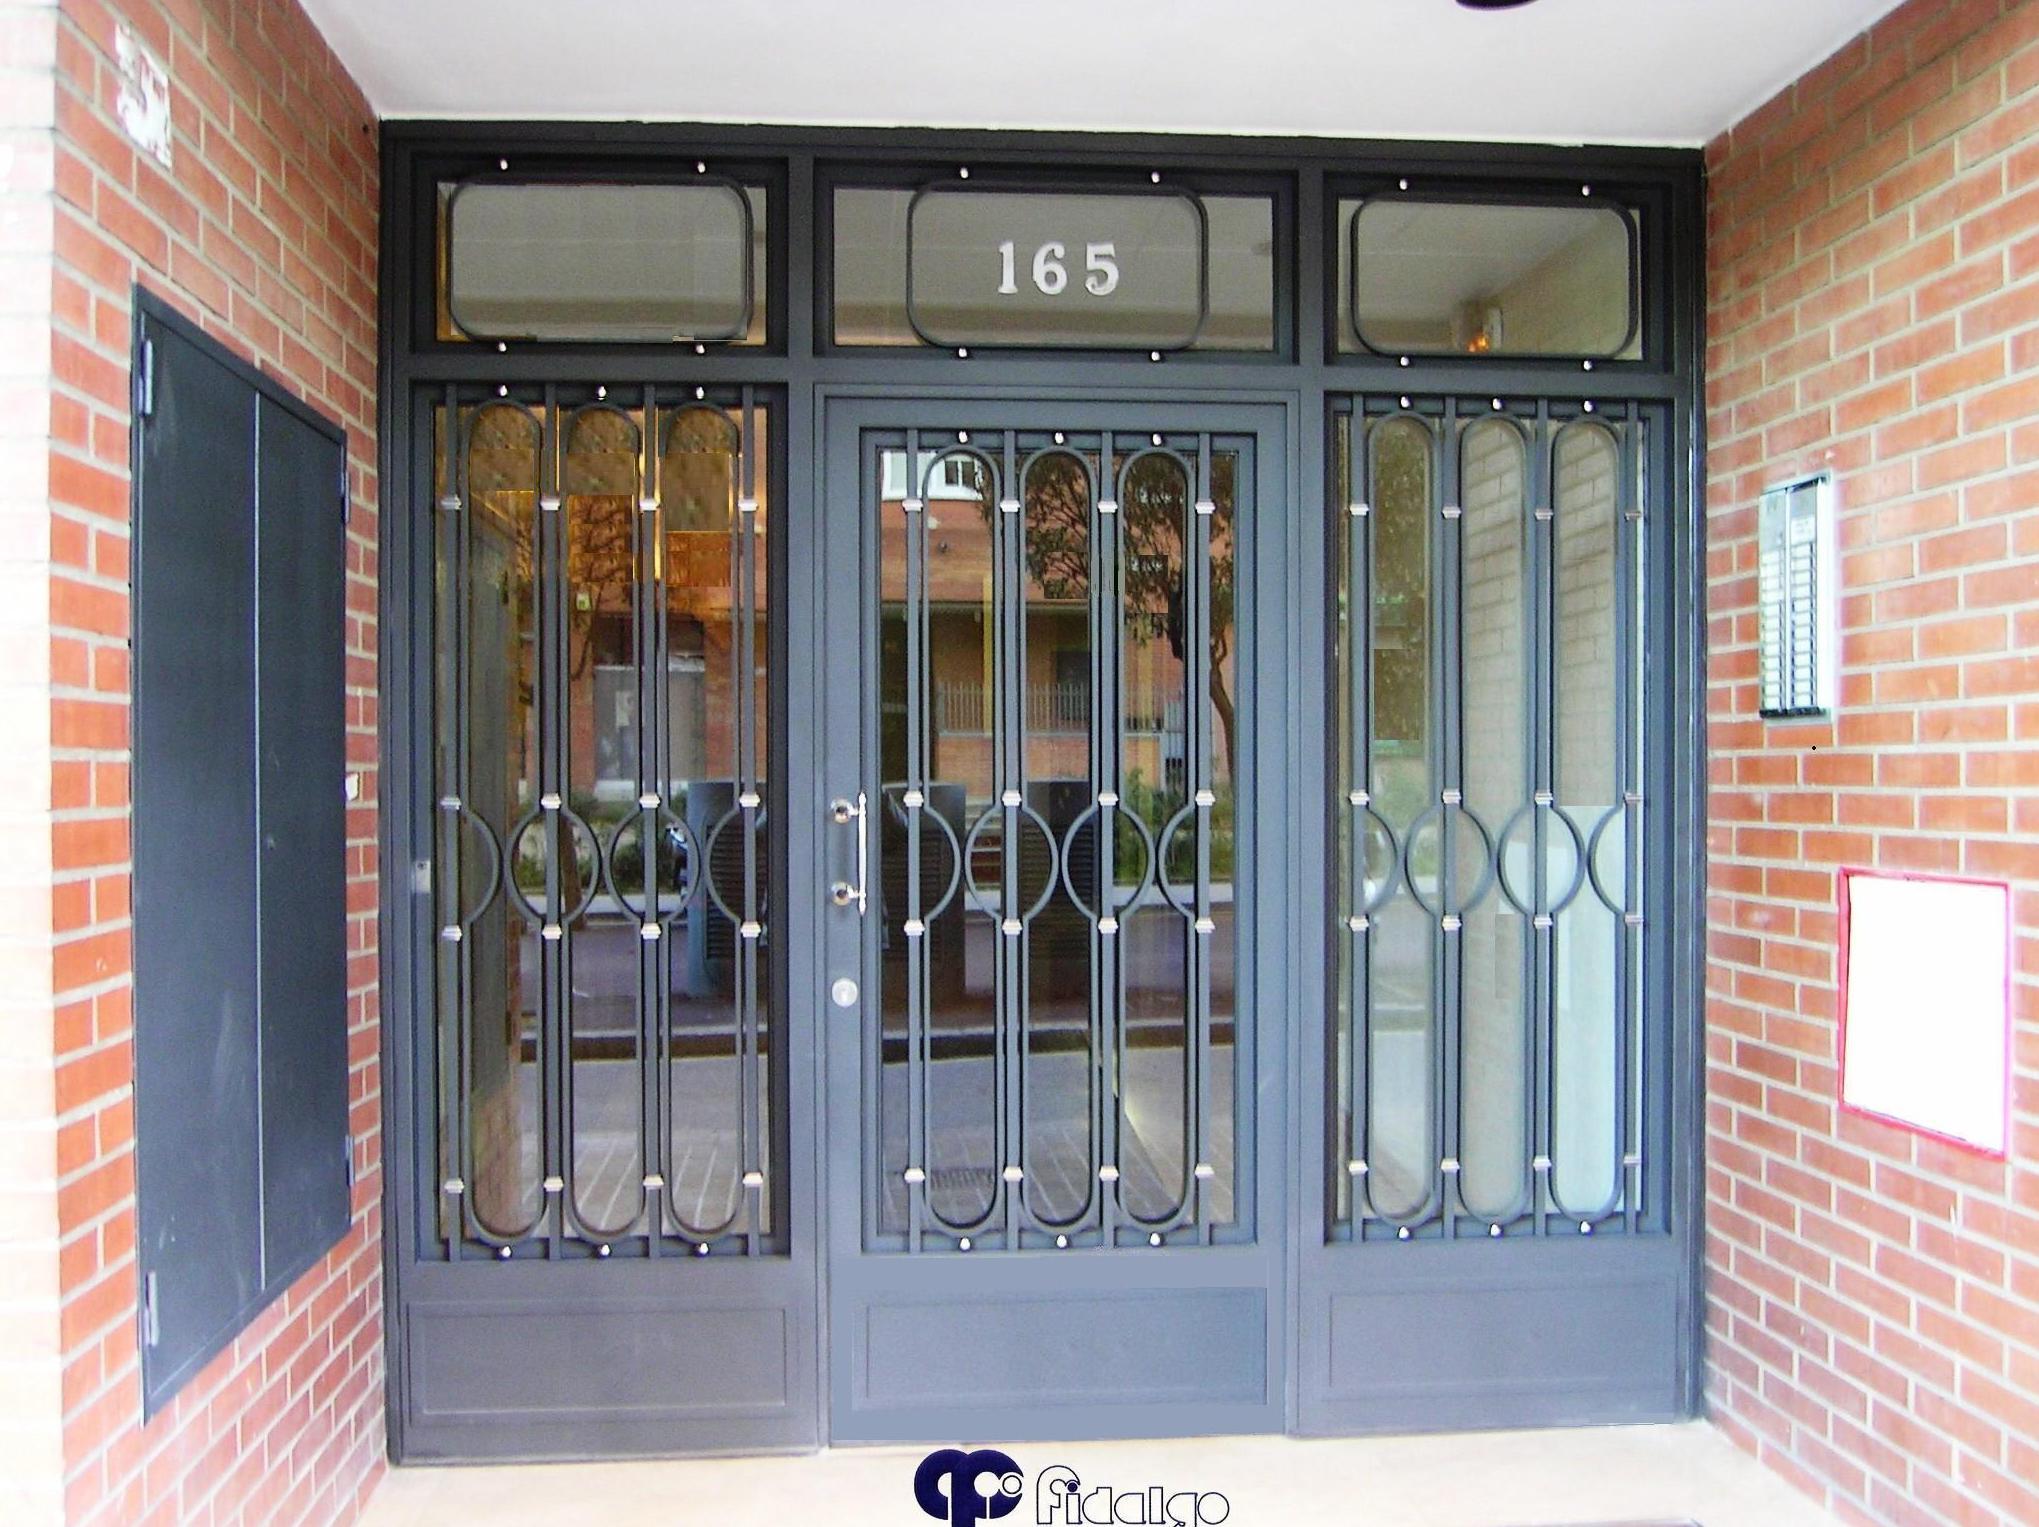 Foto 13 de cierres y puertas met licas en barcelona for Fotos puertas metalicas